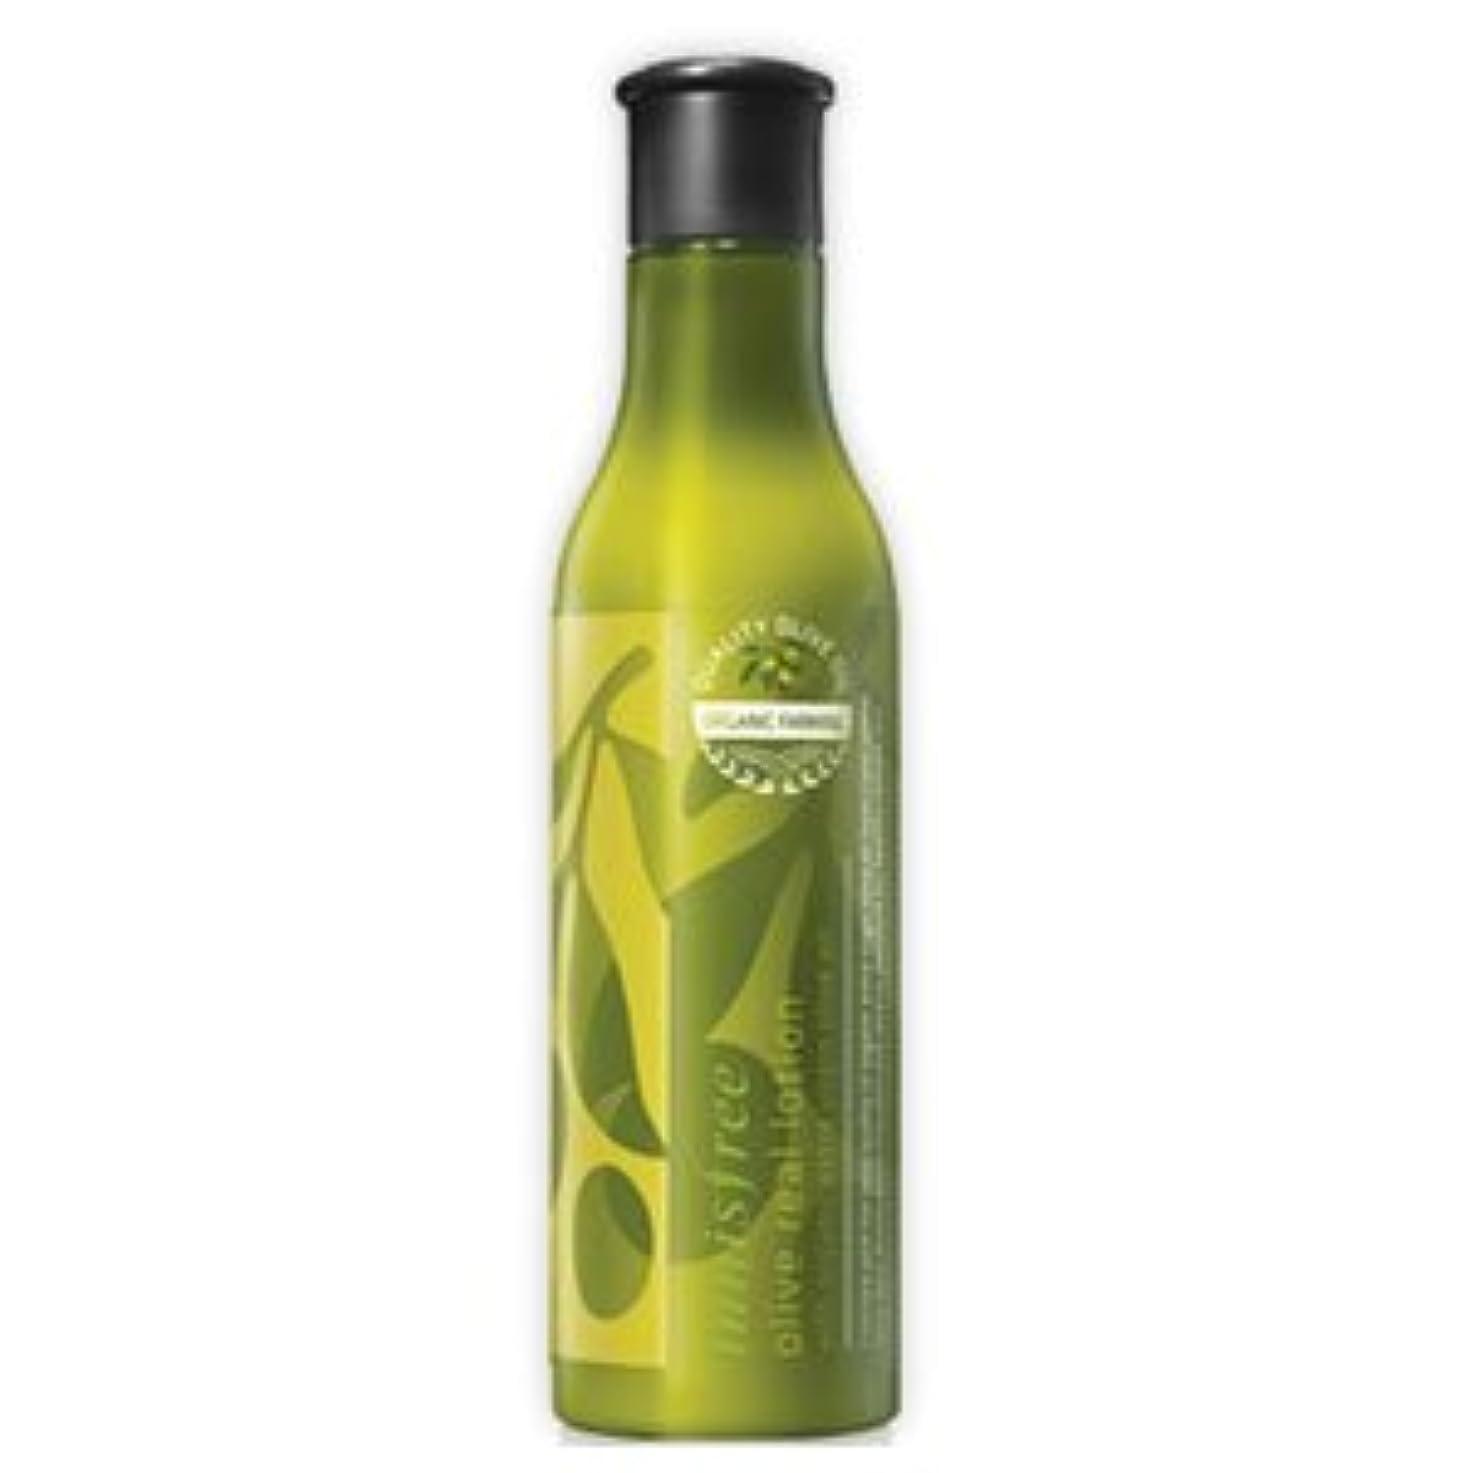 場所マーケティング期限innisfree(イニスフリー) 保湿栄養 オリーブリアル ローション 乳液 160ml